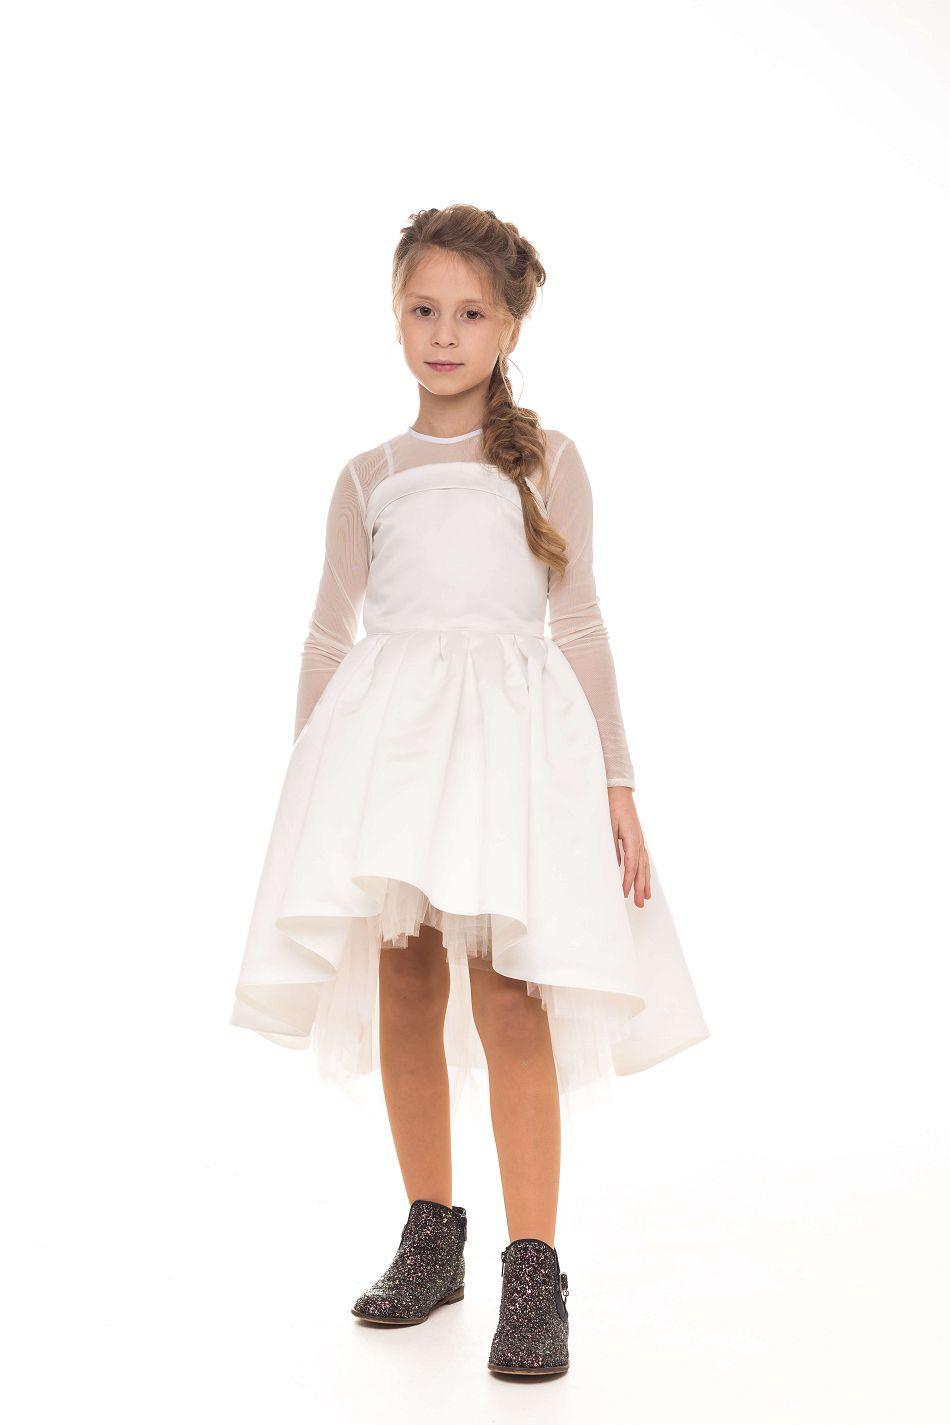 святкове біле платтячко на дівчинку